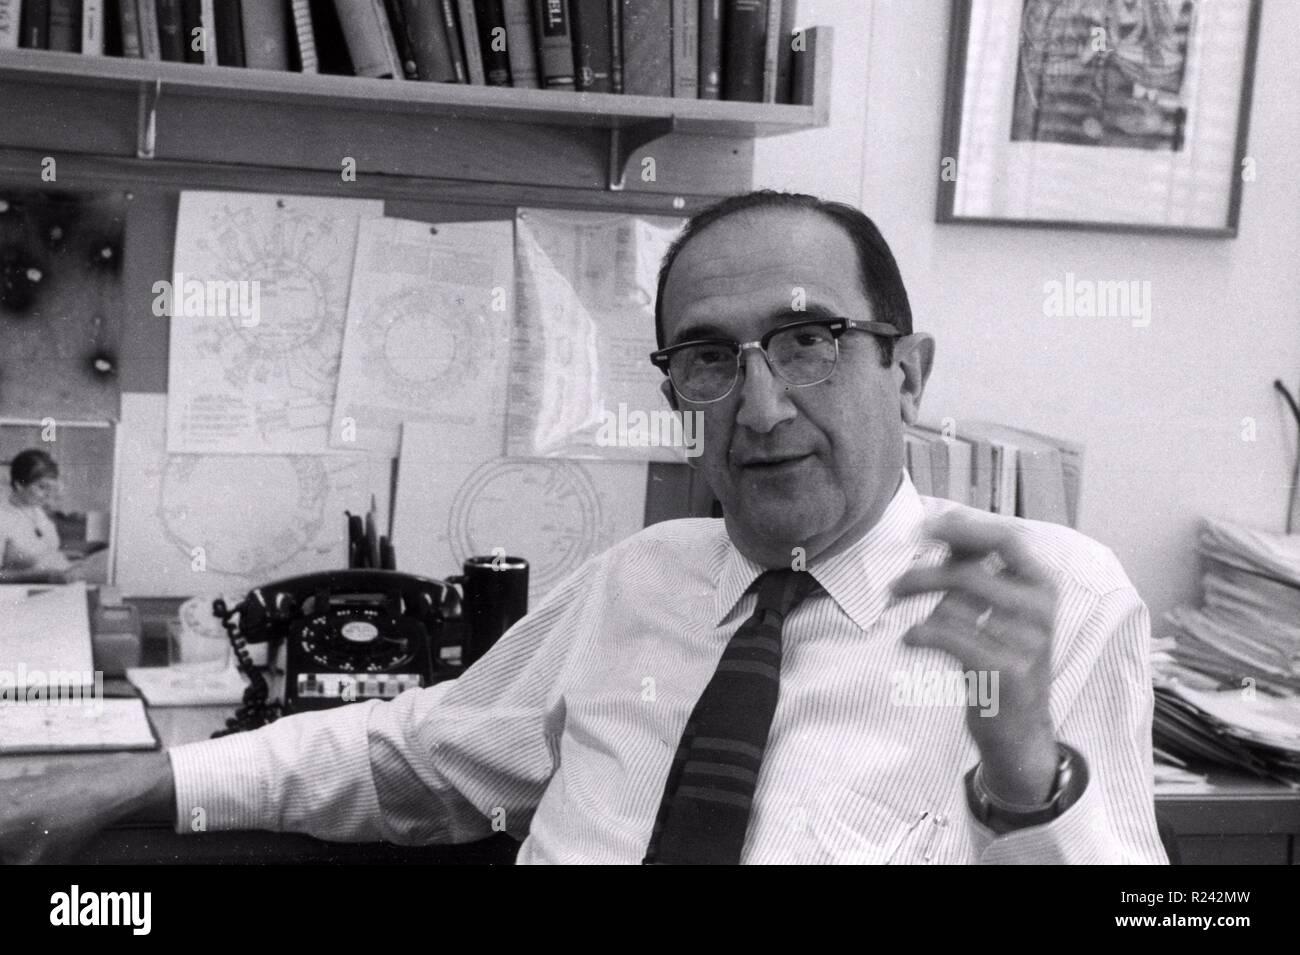 Salvador Luria en su oficina en el MIT de Boston de 1967. Salvador Edward Luria (1912 - 1991) genética italiana microbiólogo investigador y, más tarde, un ciudadano estadounidense naturalizado. Ganó el Premio Nobel de Fisiología o Medicina en 1969 Foto de stock